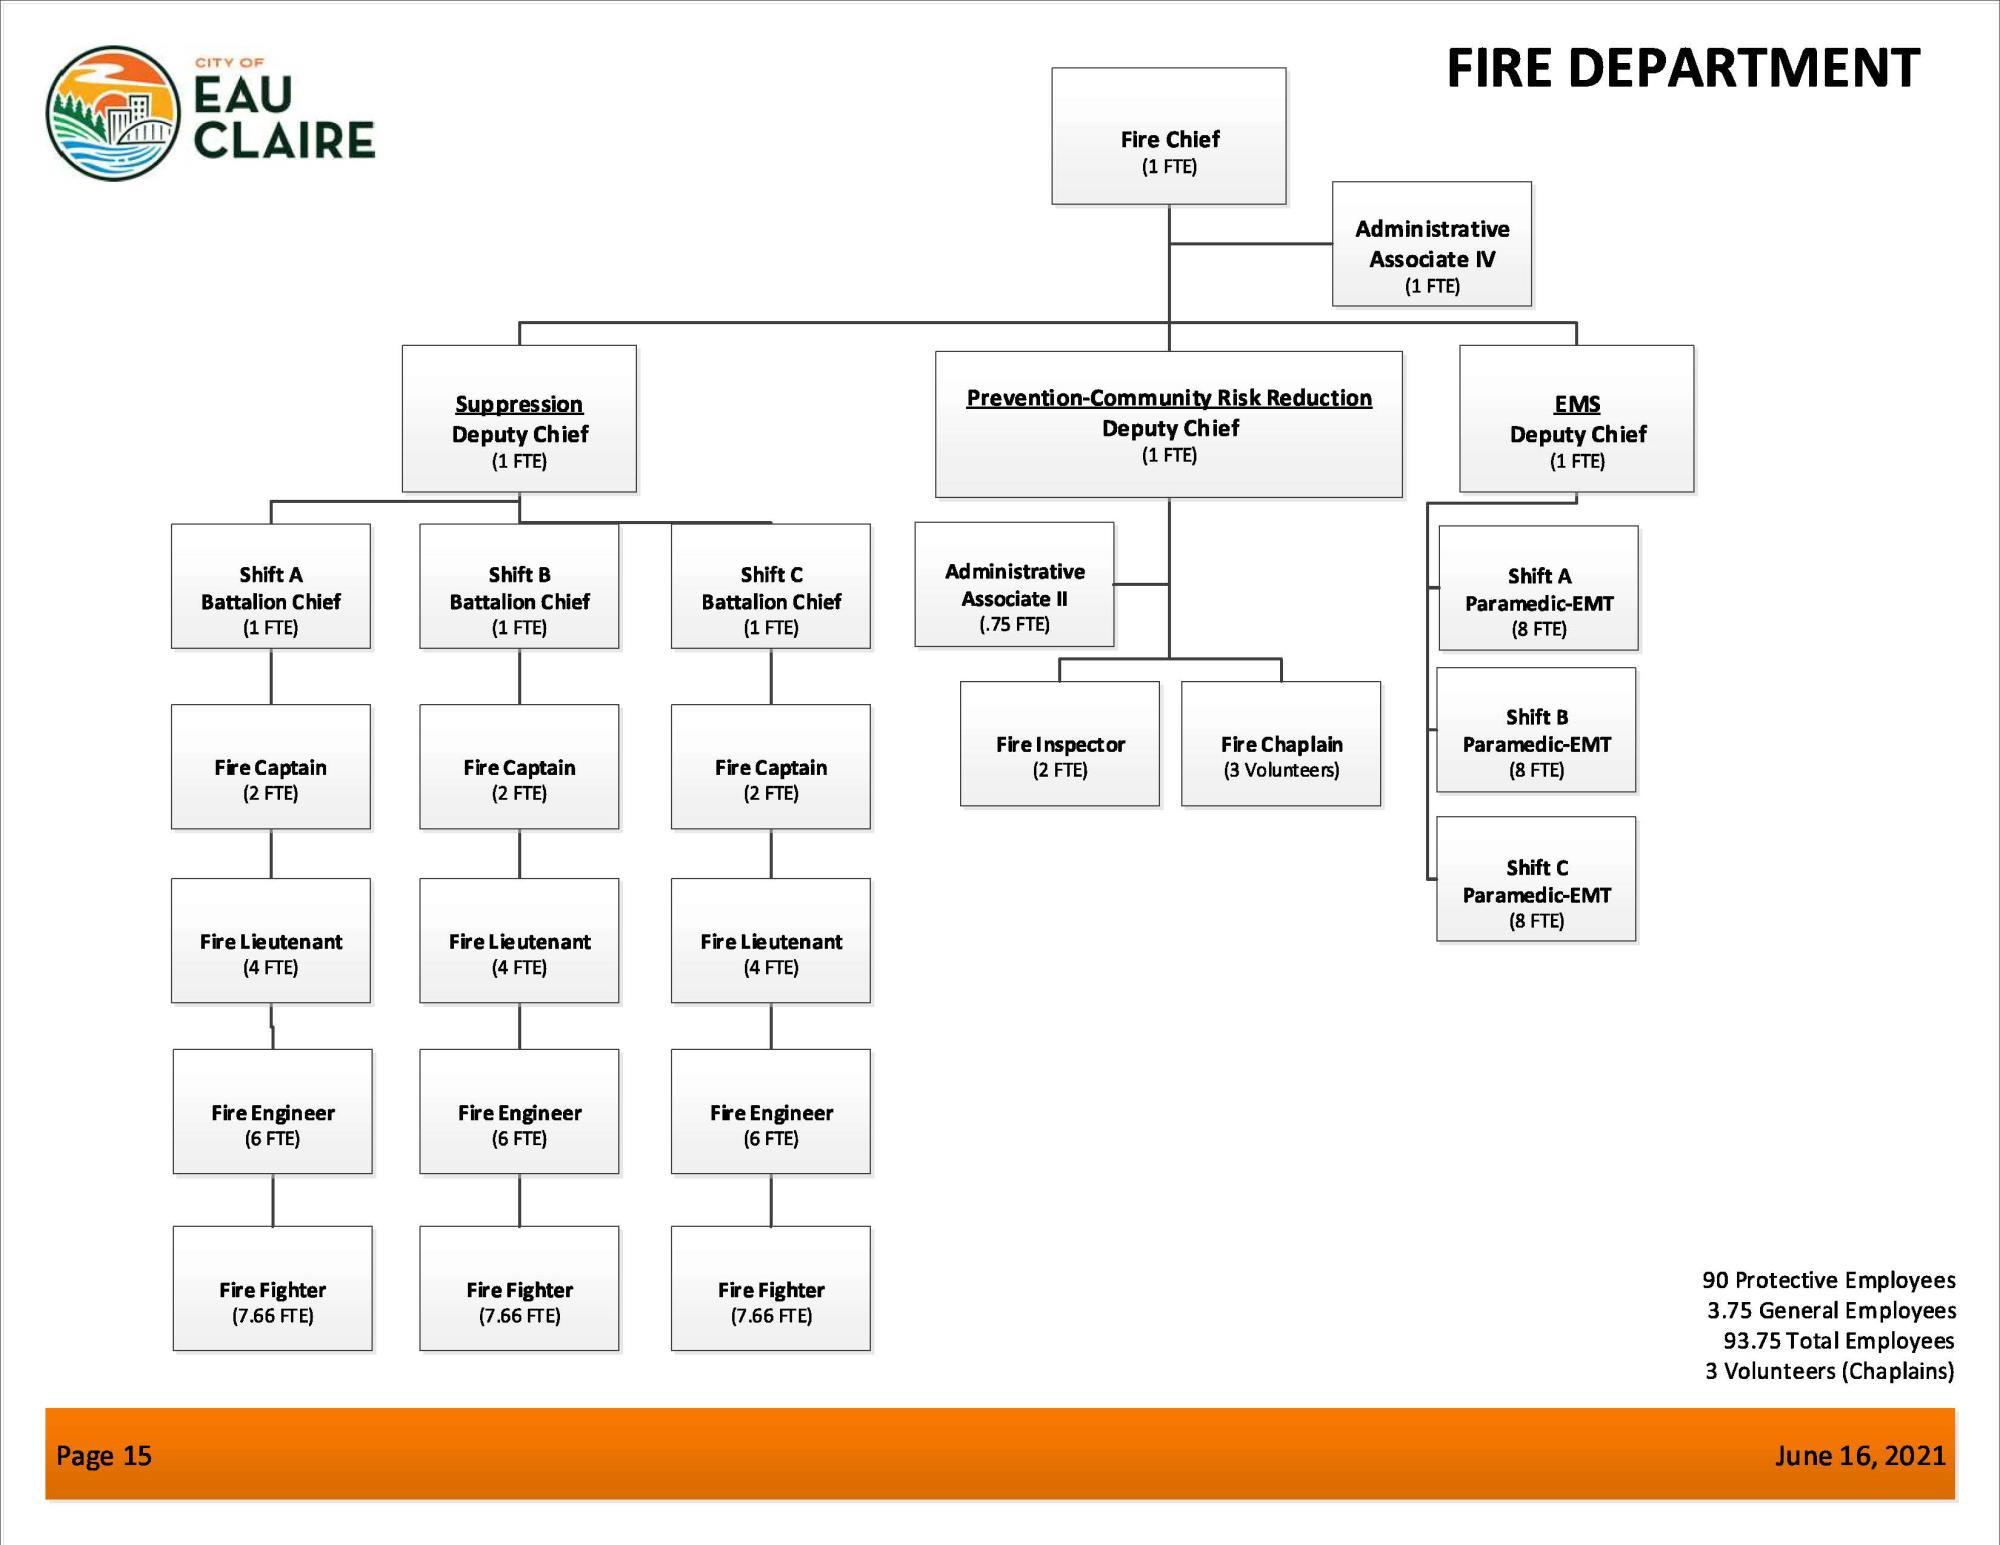 Organizational Chart – Fire Department Organizational Chart